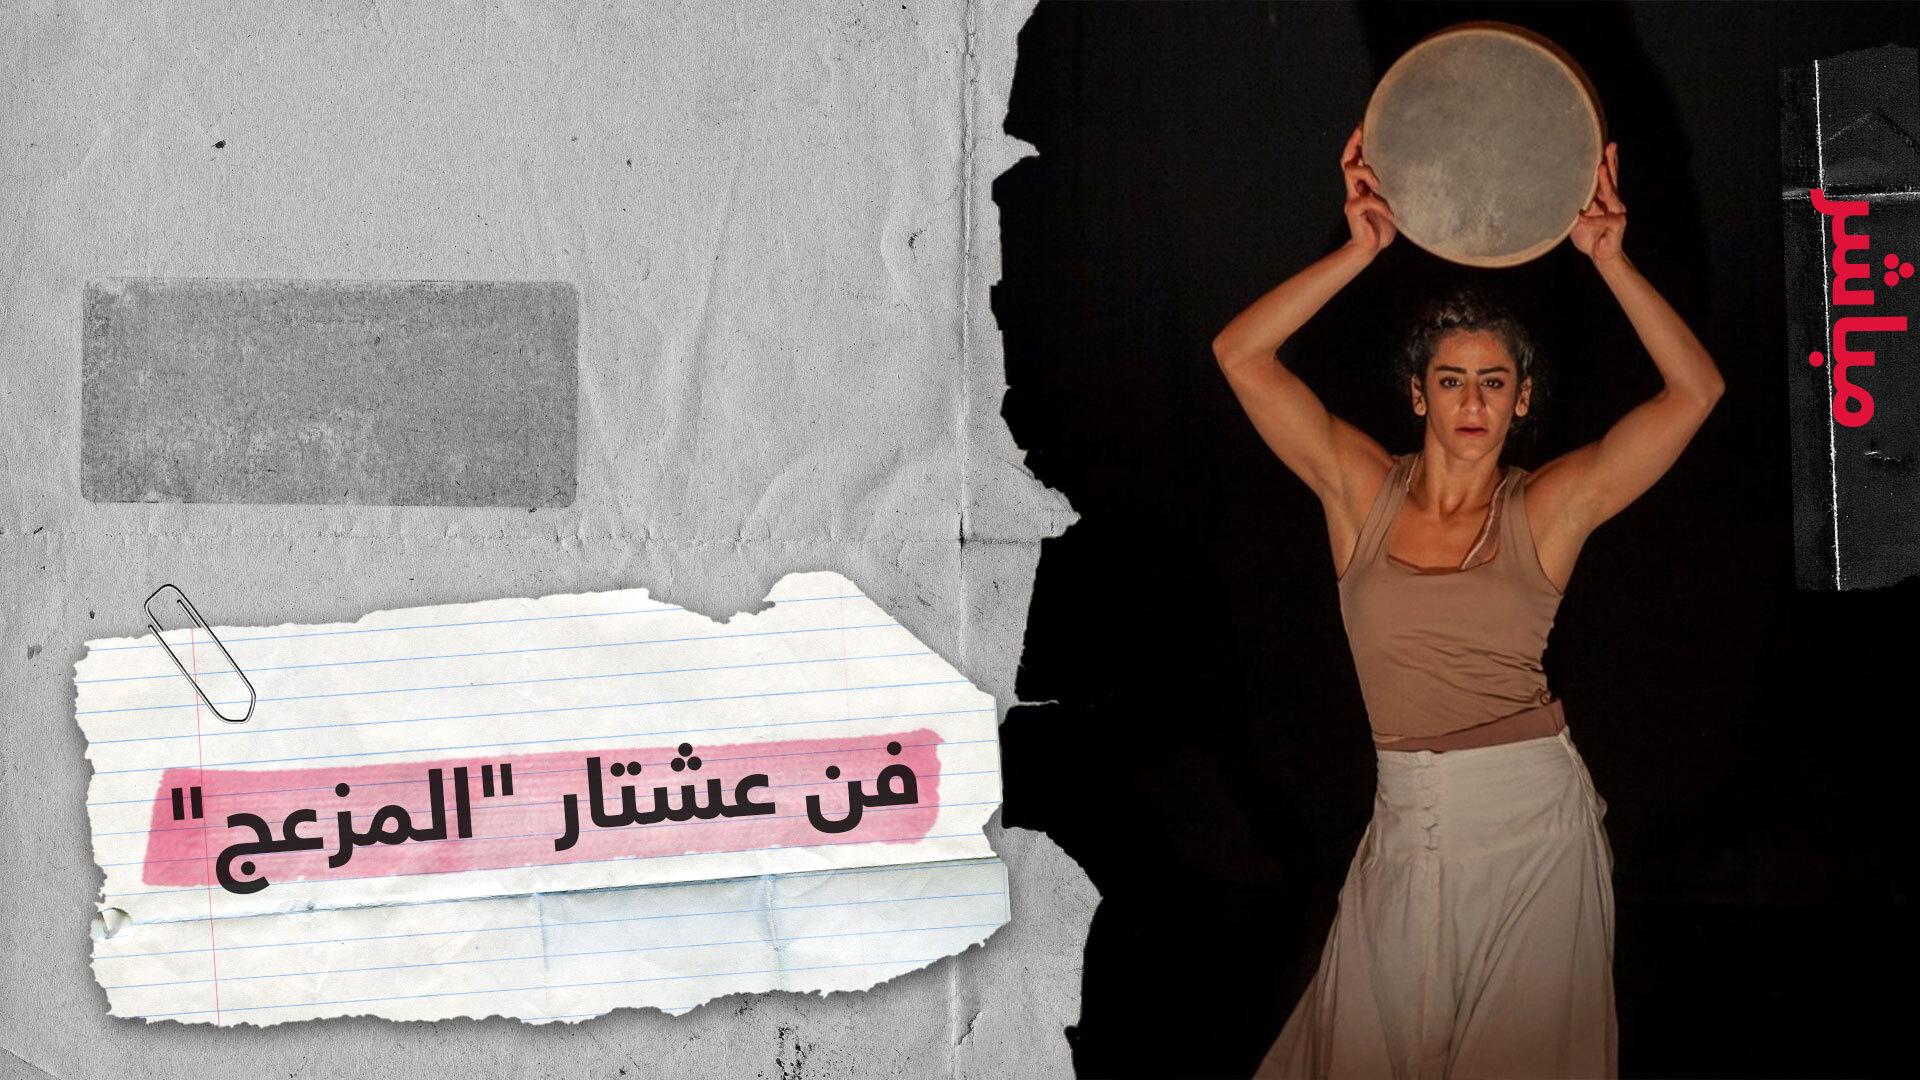 """فن عشتار """"المزعج"""".. جدل بعد توقيف جامعة فلسطينية مسرحية """"جريئة"""""""